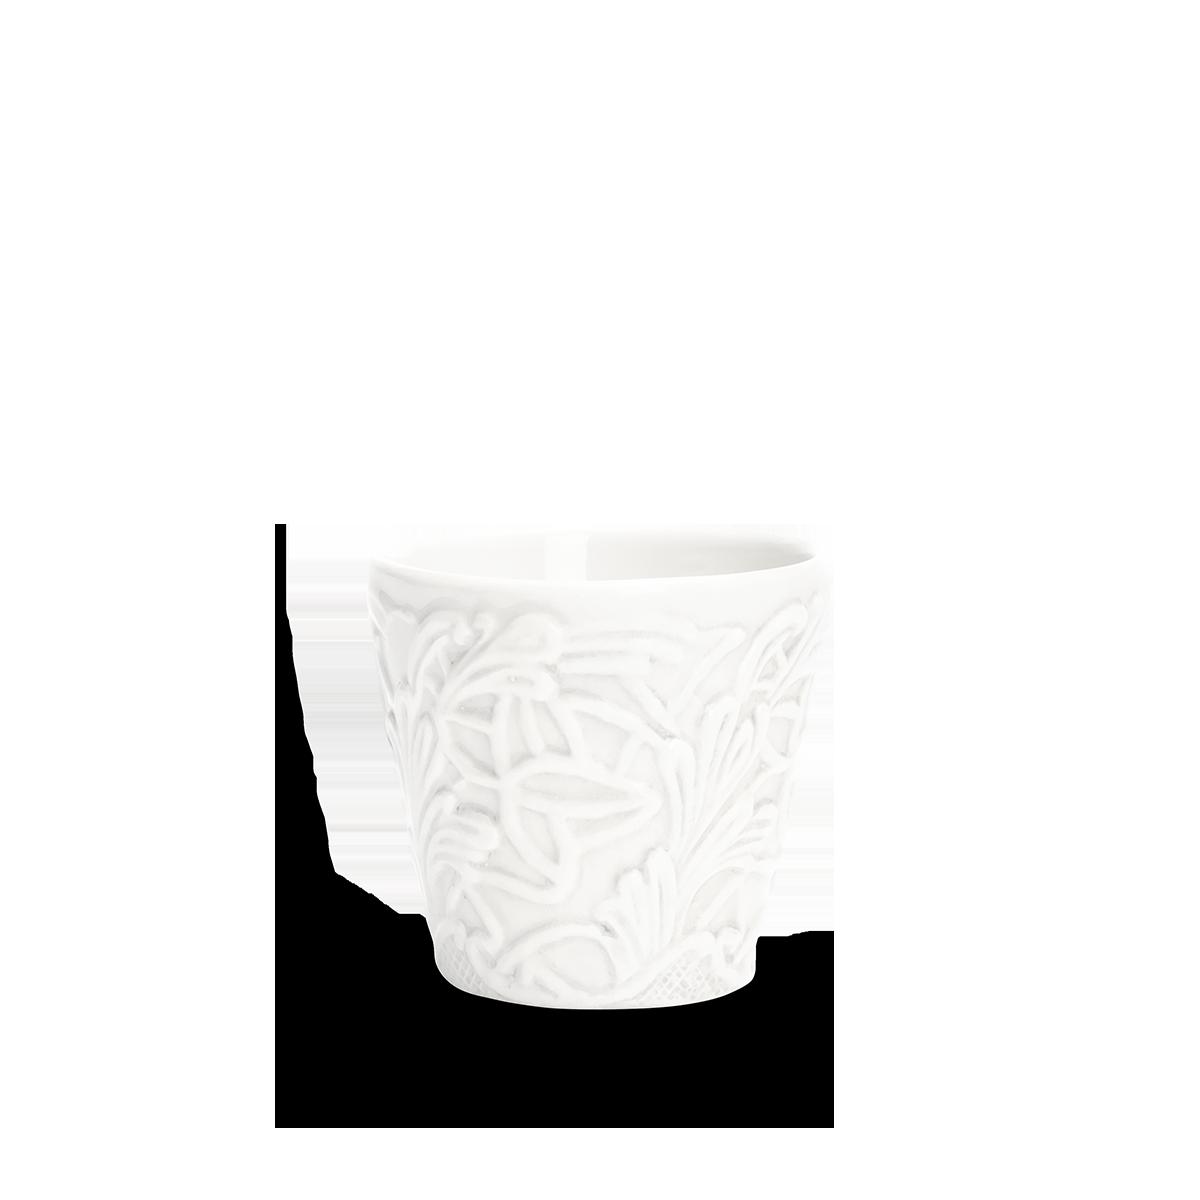 Spets Espressokopp Vit 10 cl